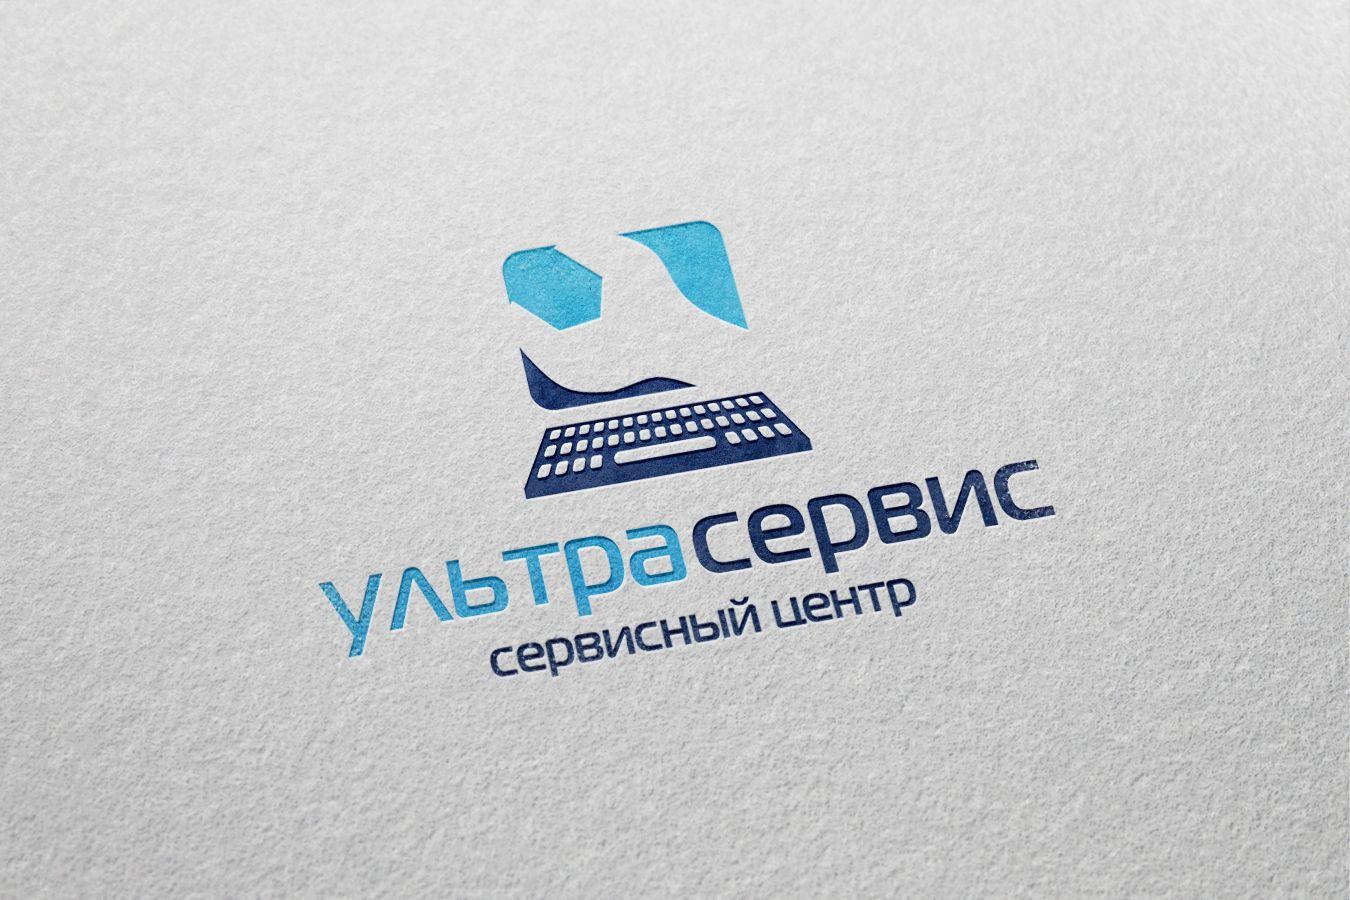 Логотип и фирменный стиль сервисного центра - дизайнер IgorTsar